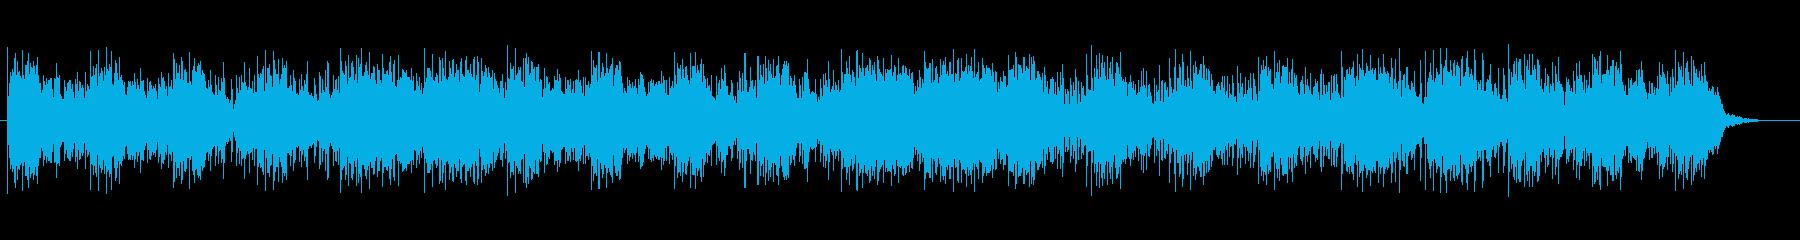 不思議な雰囲気のシンセポップスの再生済みの波形